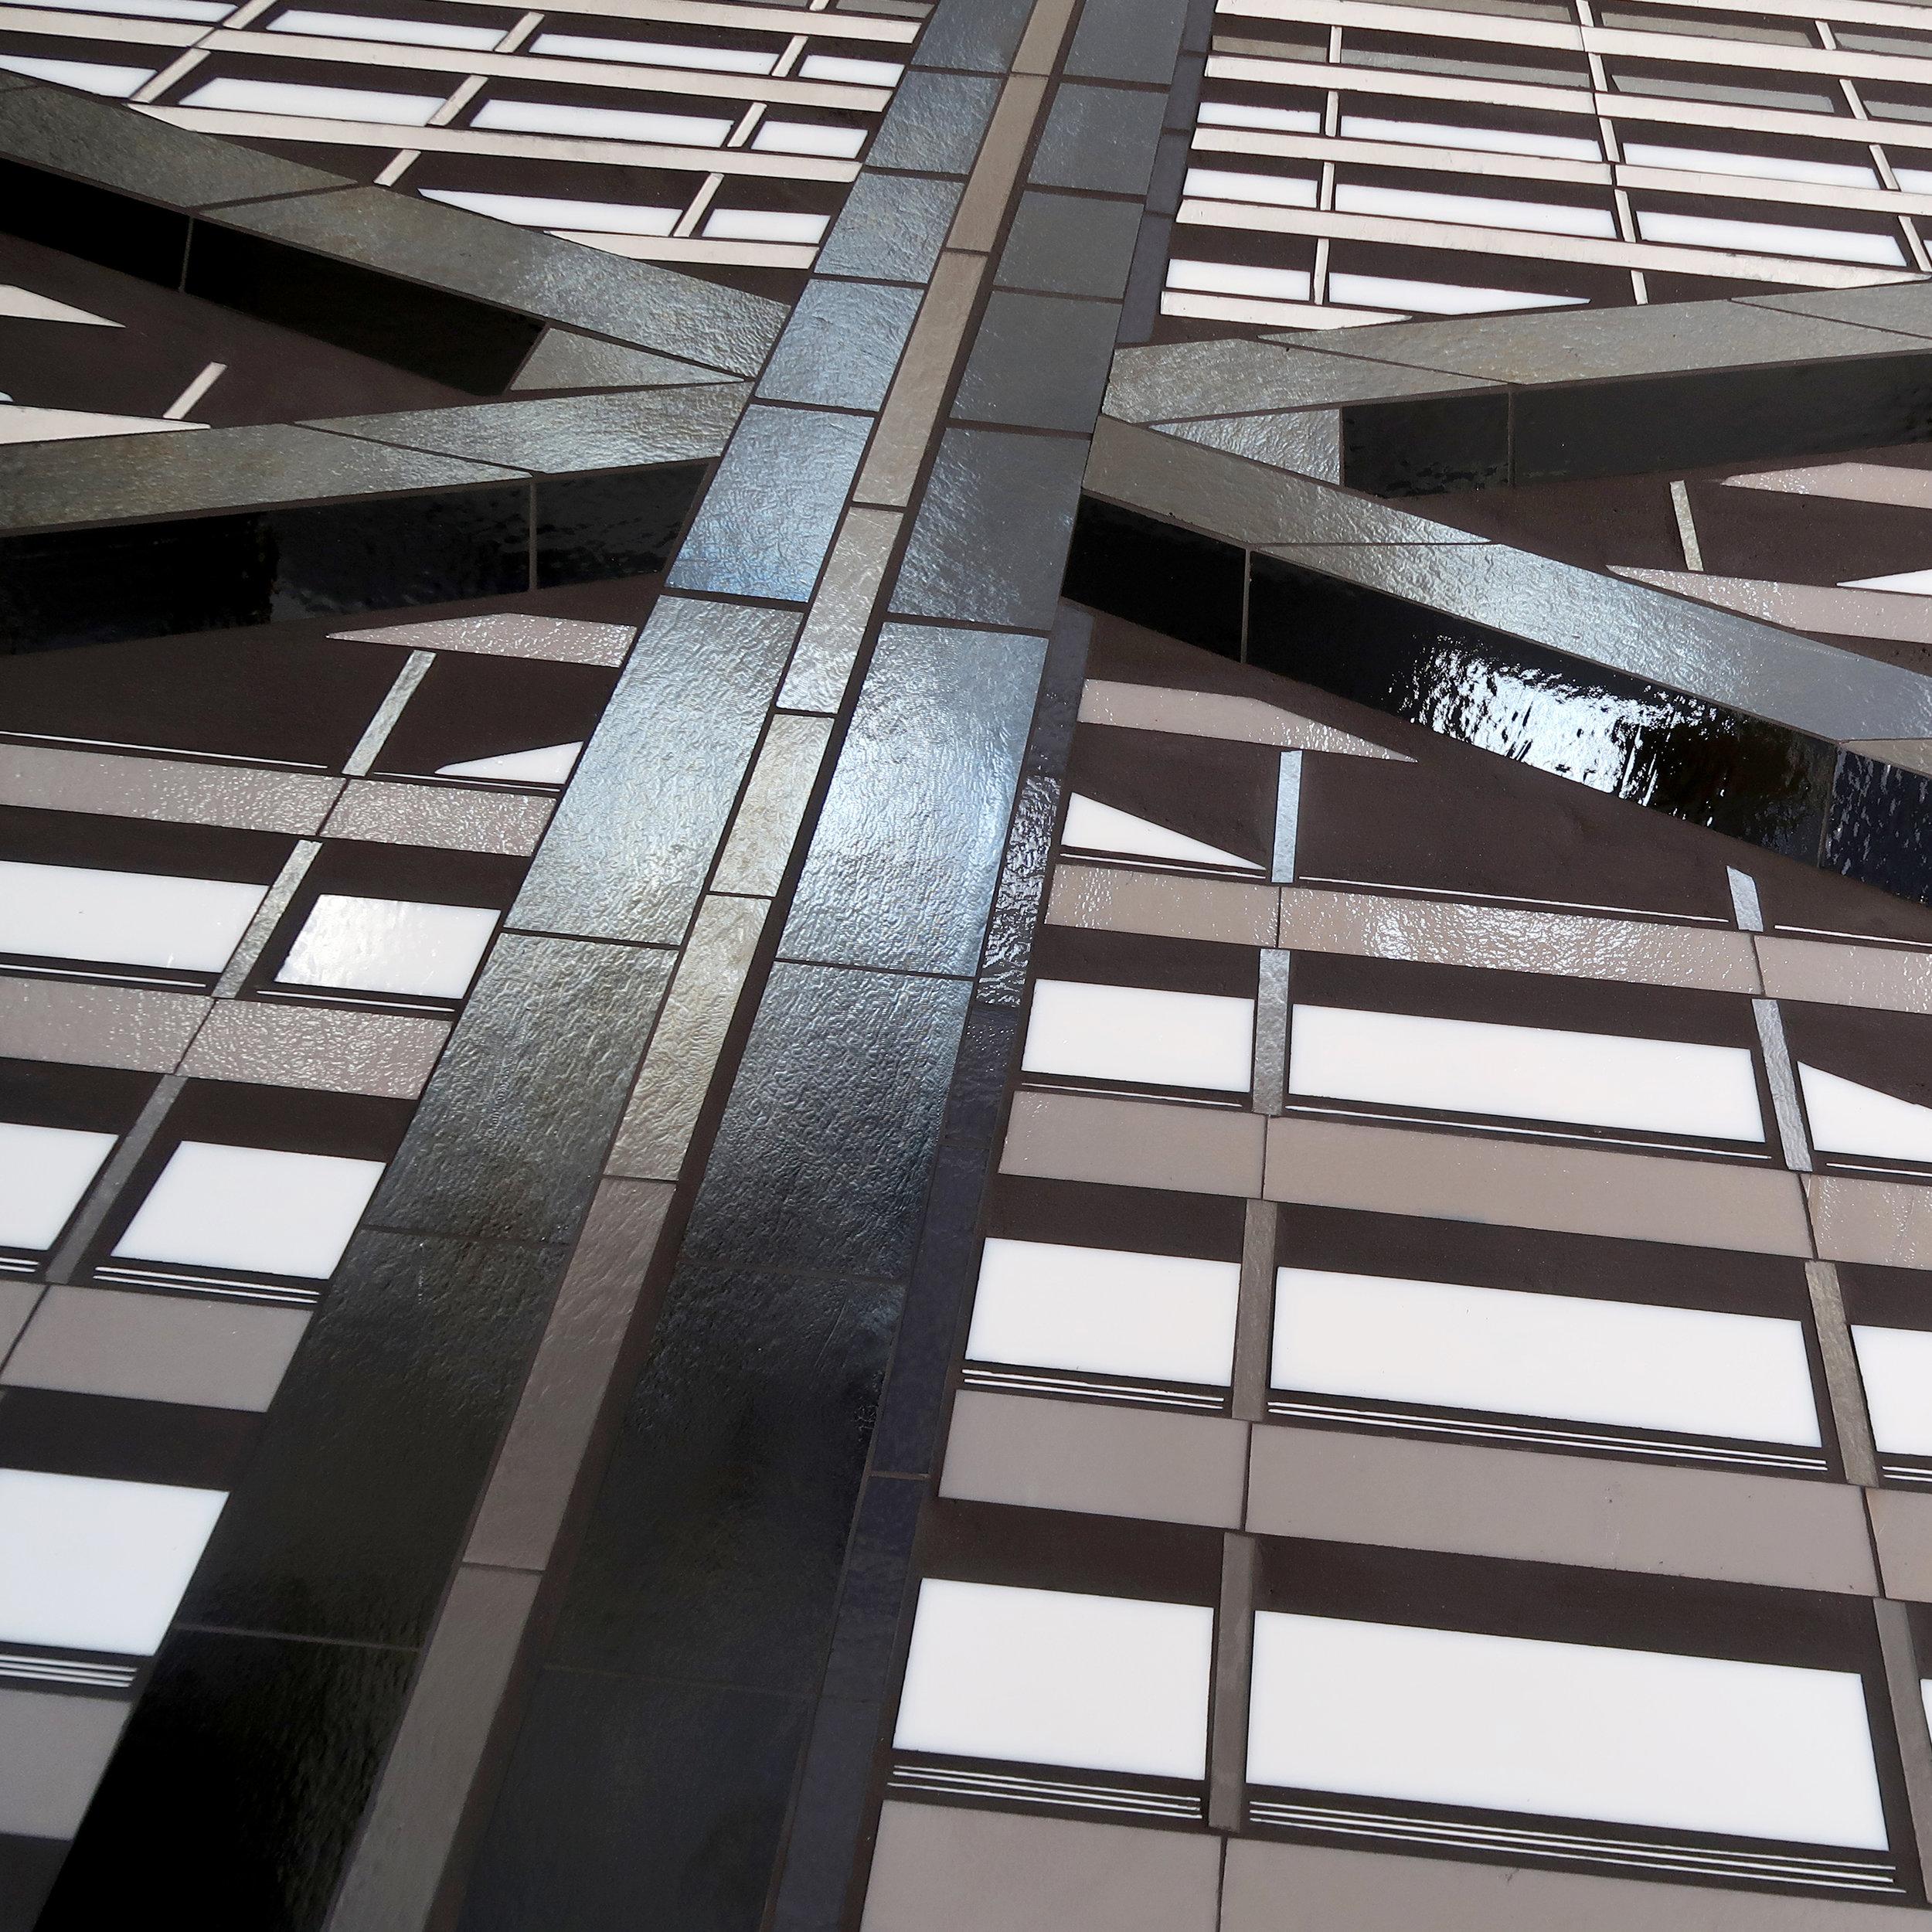 detail Reflect 4.3 beams